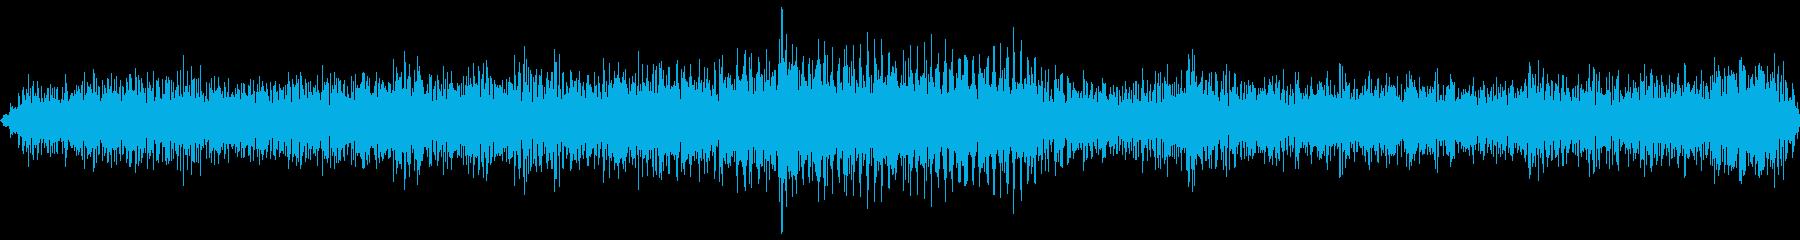 トラックディーゼルスローギアグラインドの再生済みの波形